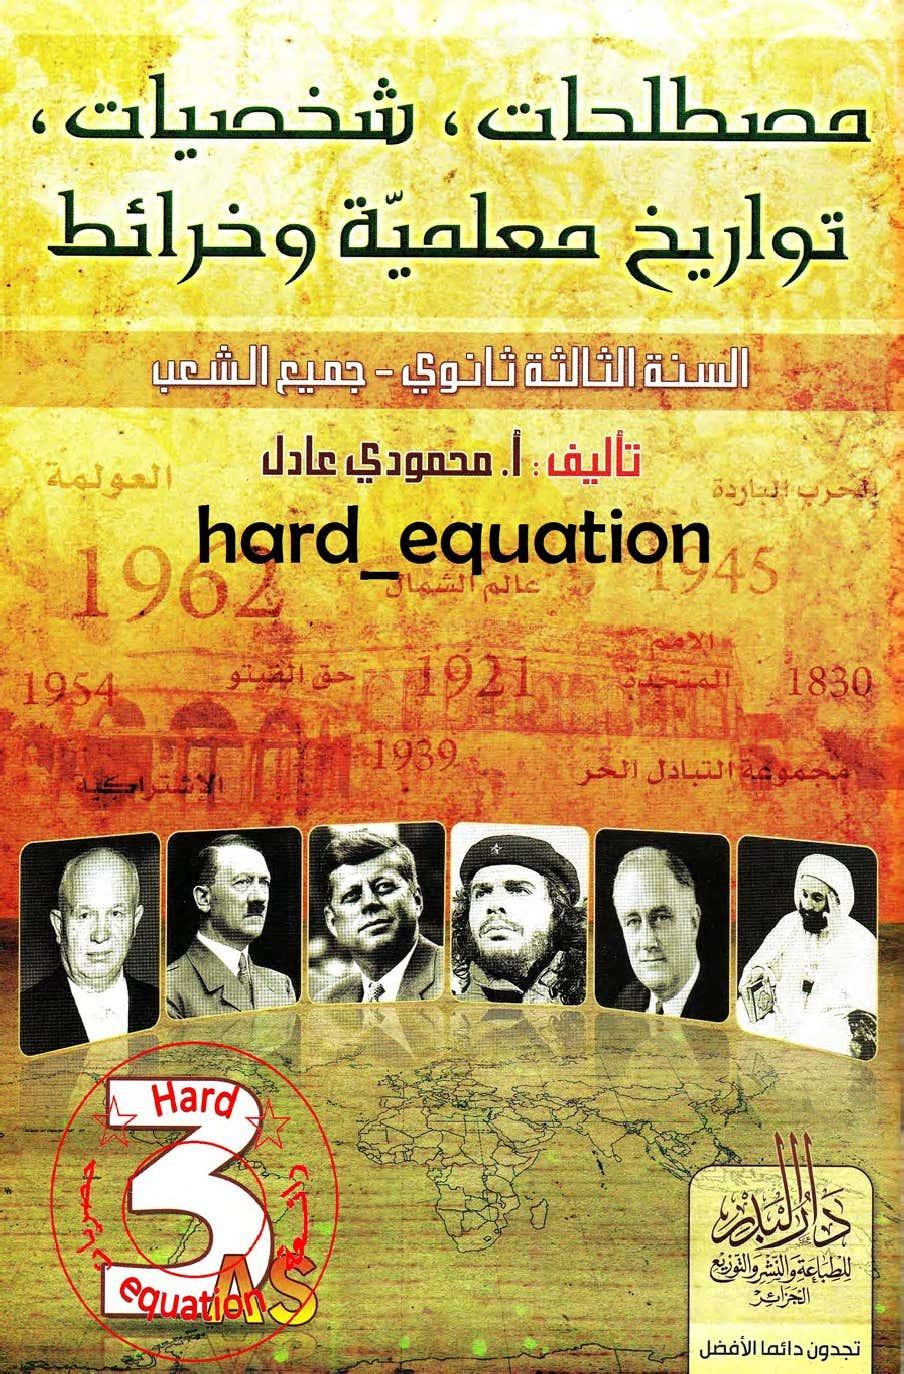 كتاب ملخصات الأستاذ محمودي عادل في التاريخ و الجغرافيا 3 ثانوي مع المصطلحات و الشخصيا 1-9b7cfa906c.jpg